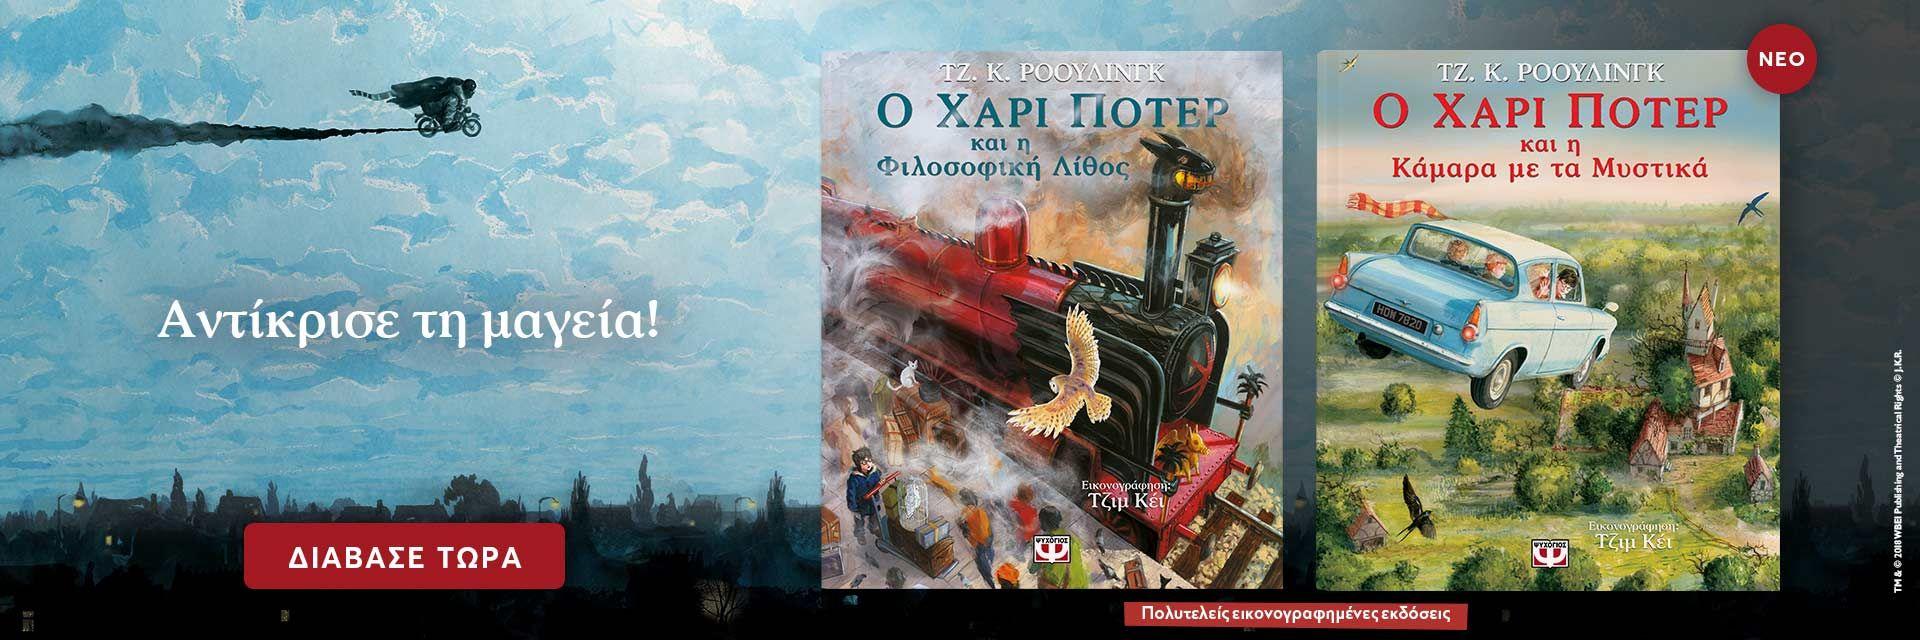 Χάρι Πότερ - Εικονογραφημένες εκδόσεις